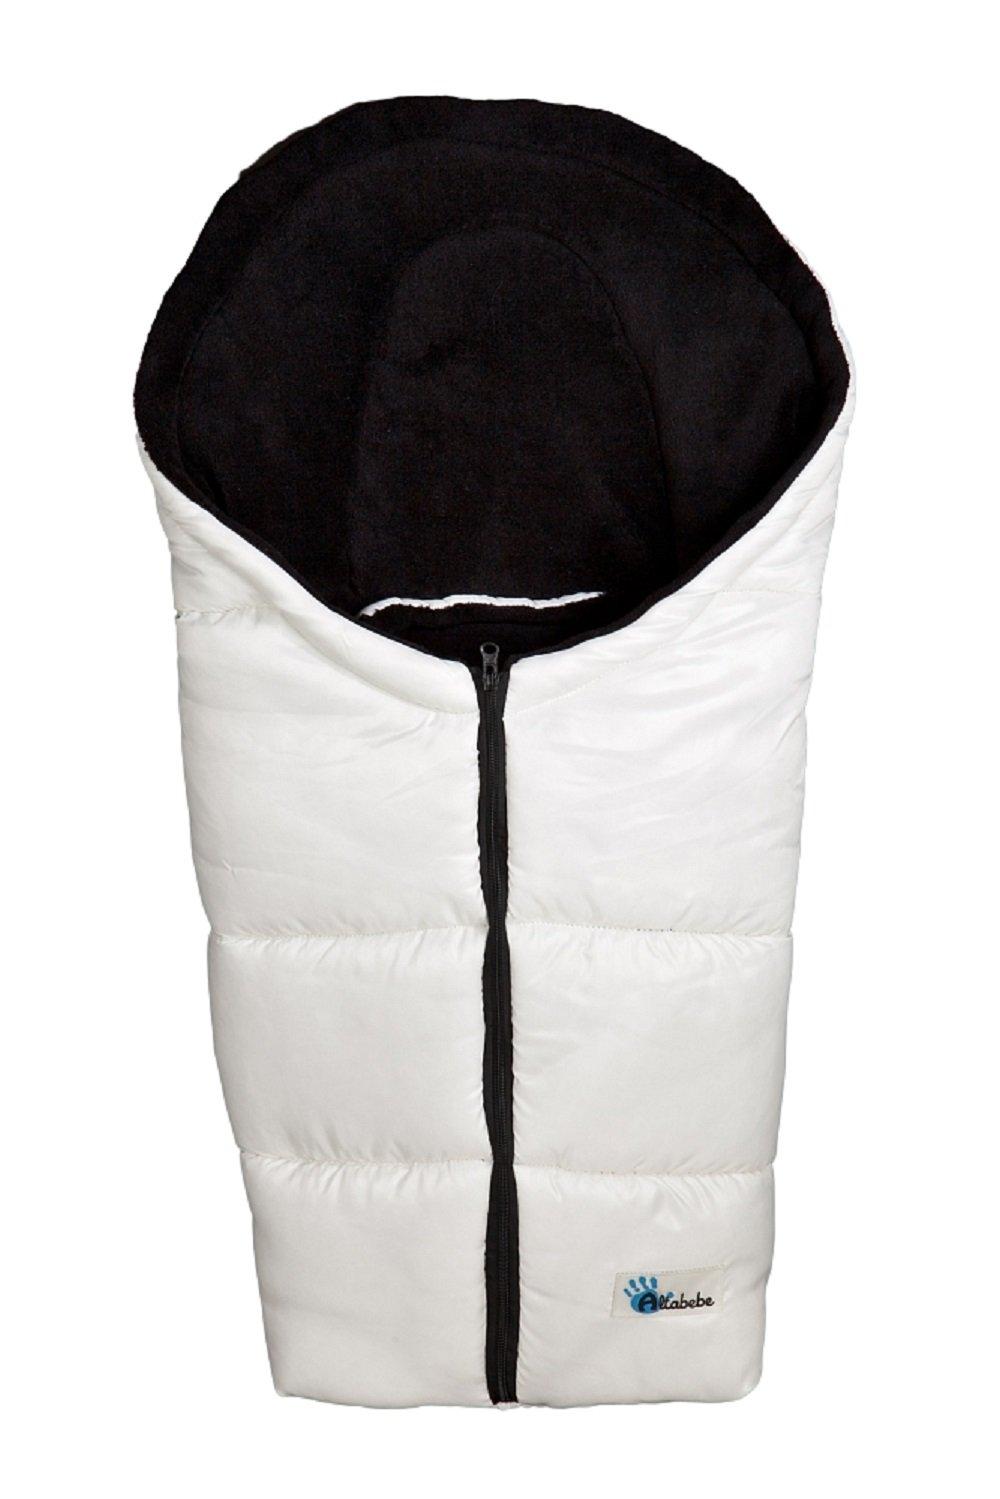 AltaBeBe, Sacco termico invernale per seggiolino da auto, Bianco (offwhite - schwarz)